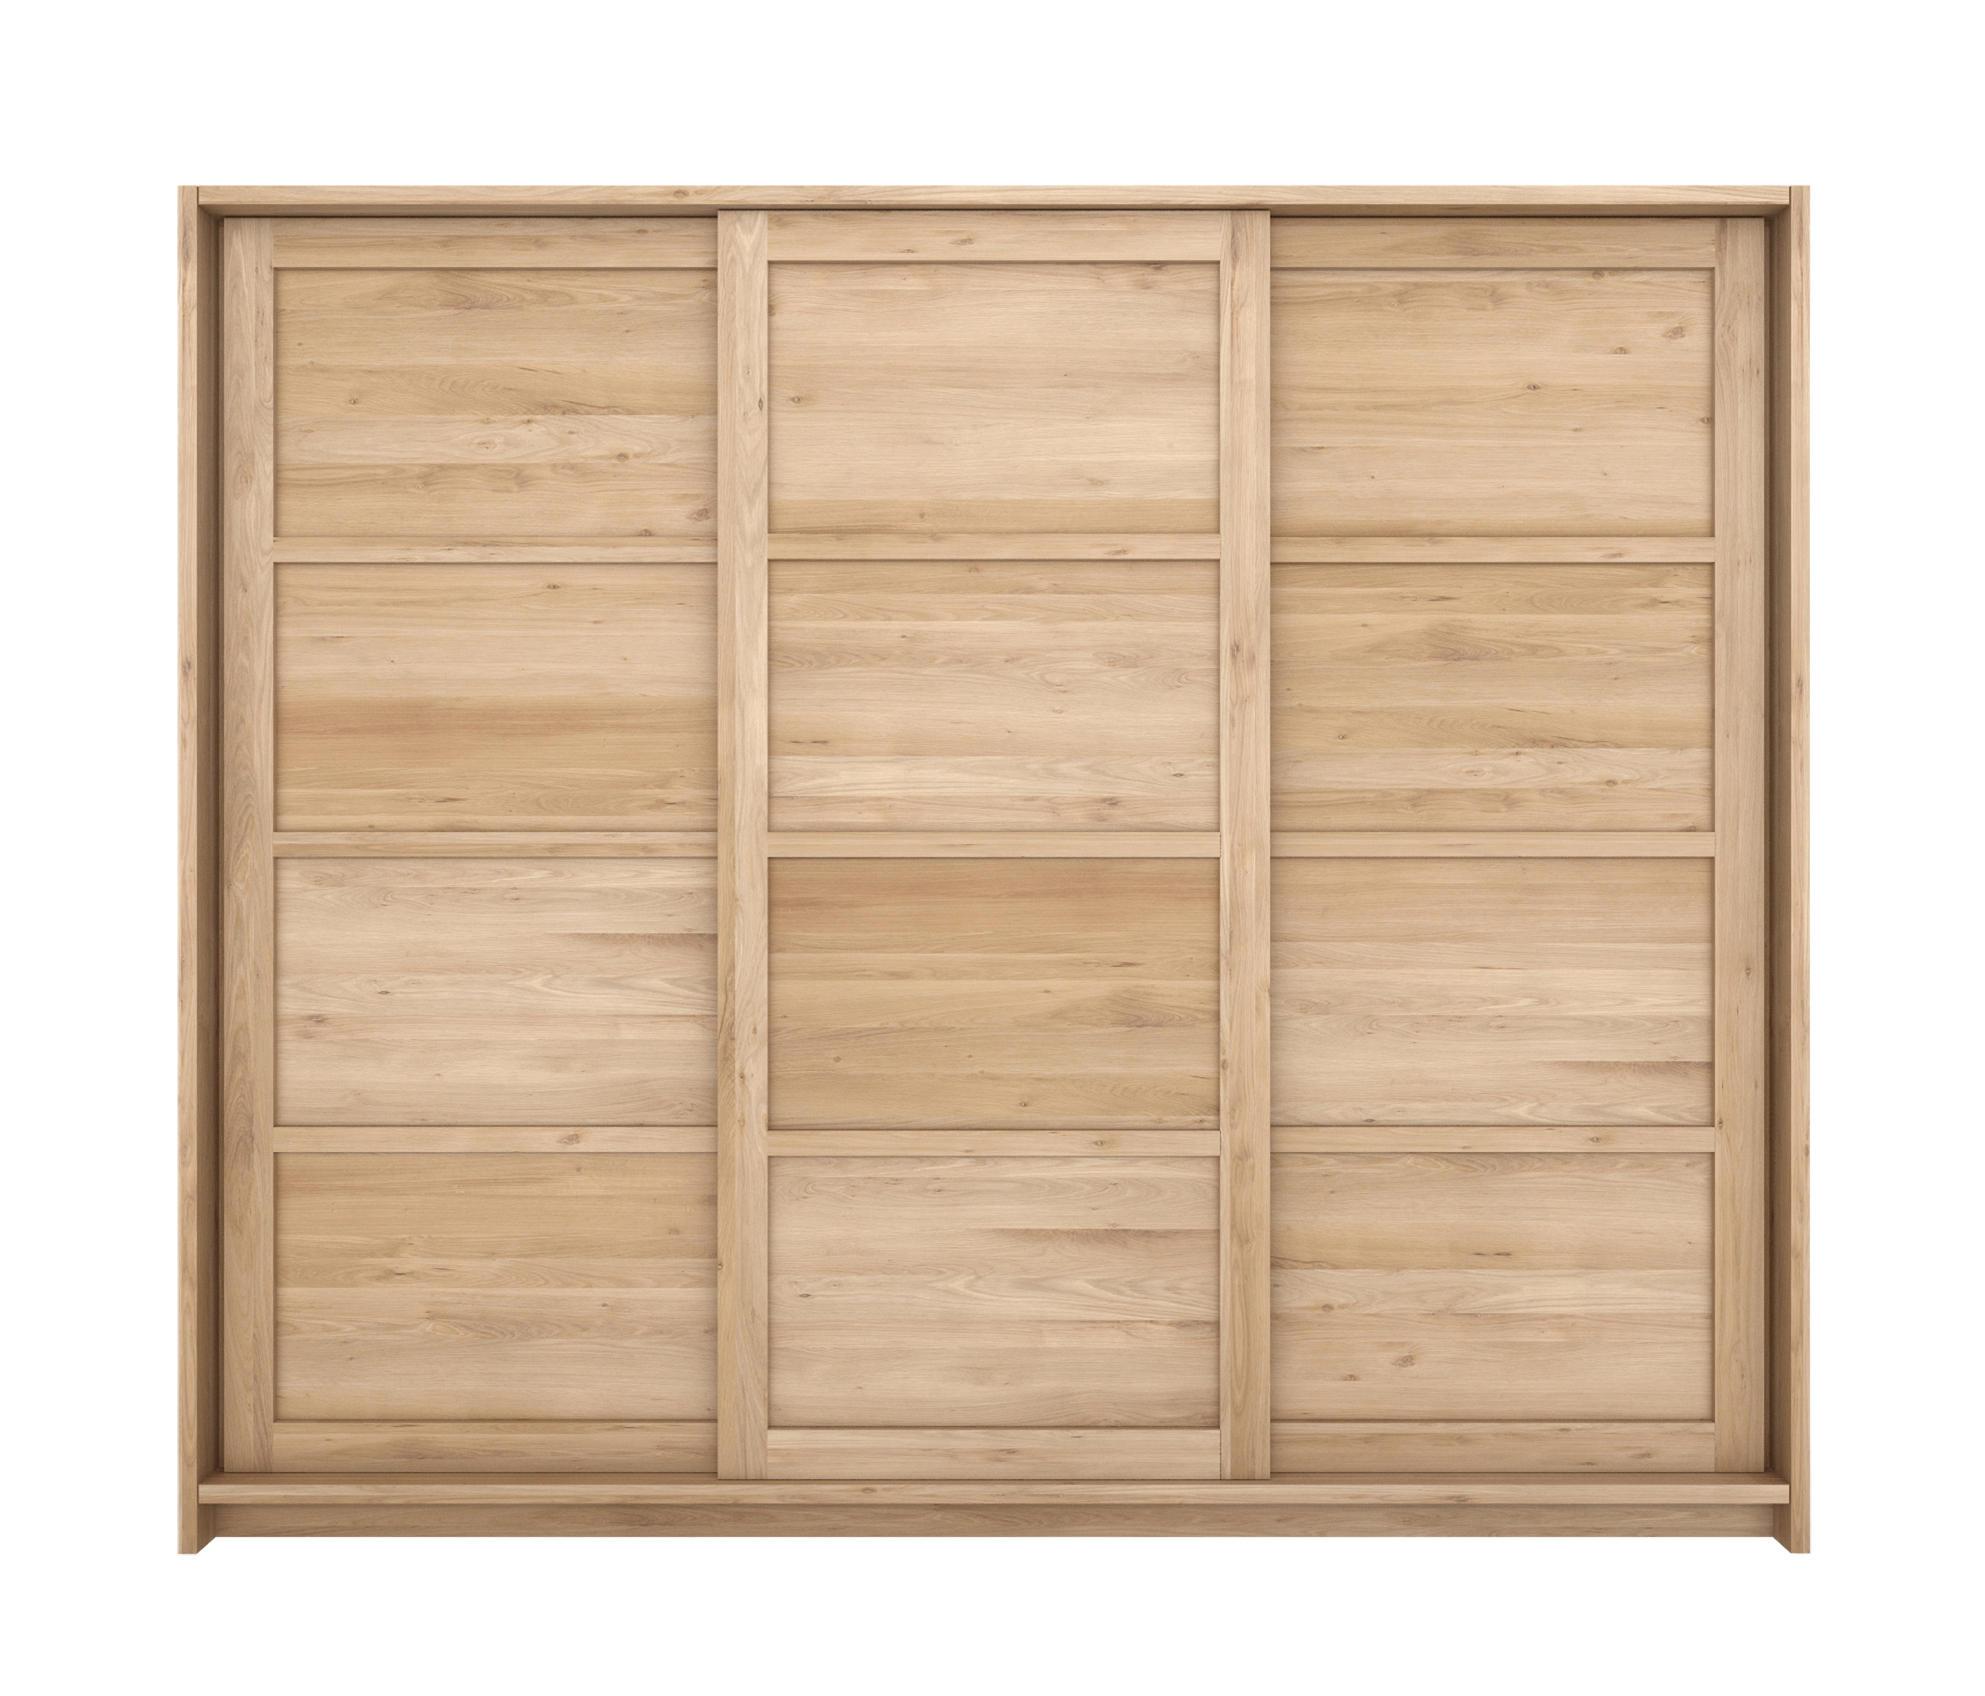 Oak Knockdown Dresser By Ethnicraft | Cabinets ...